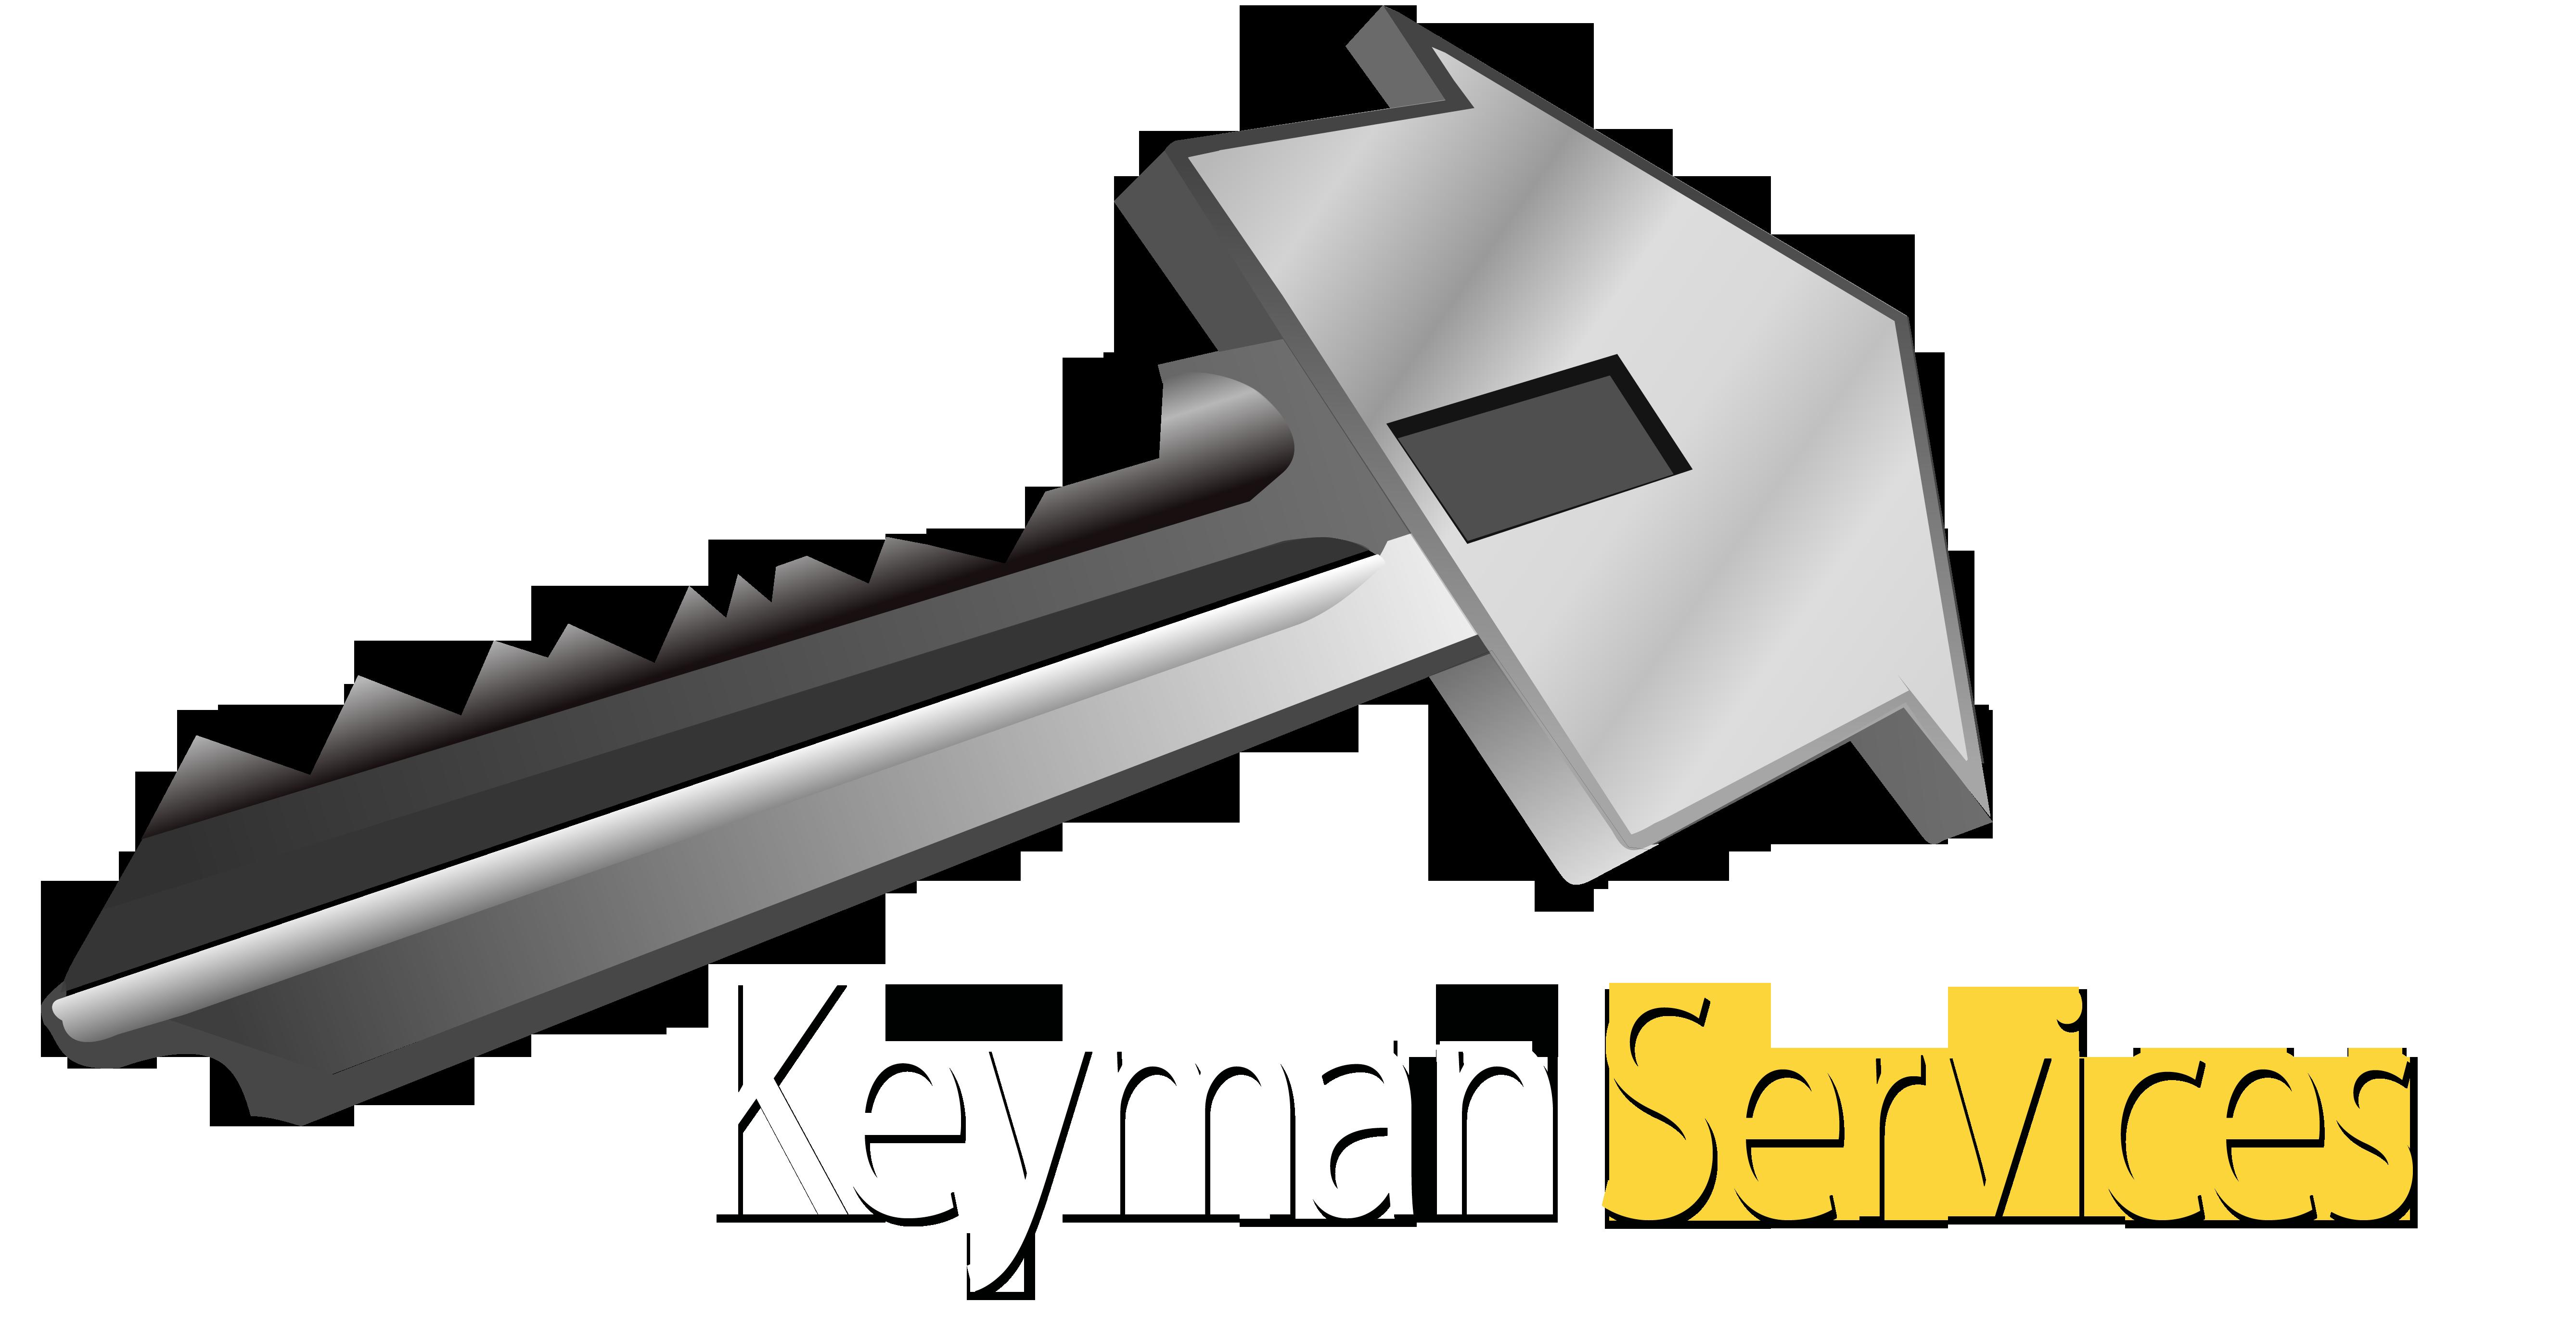 Keyman Services